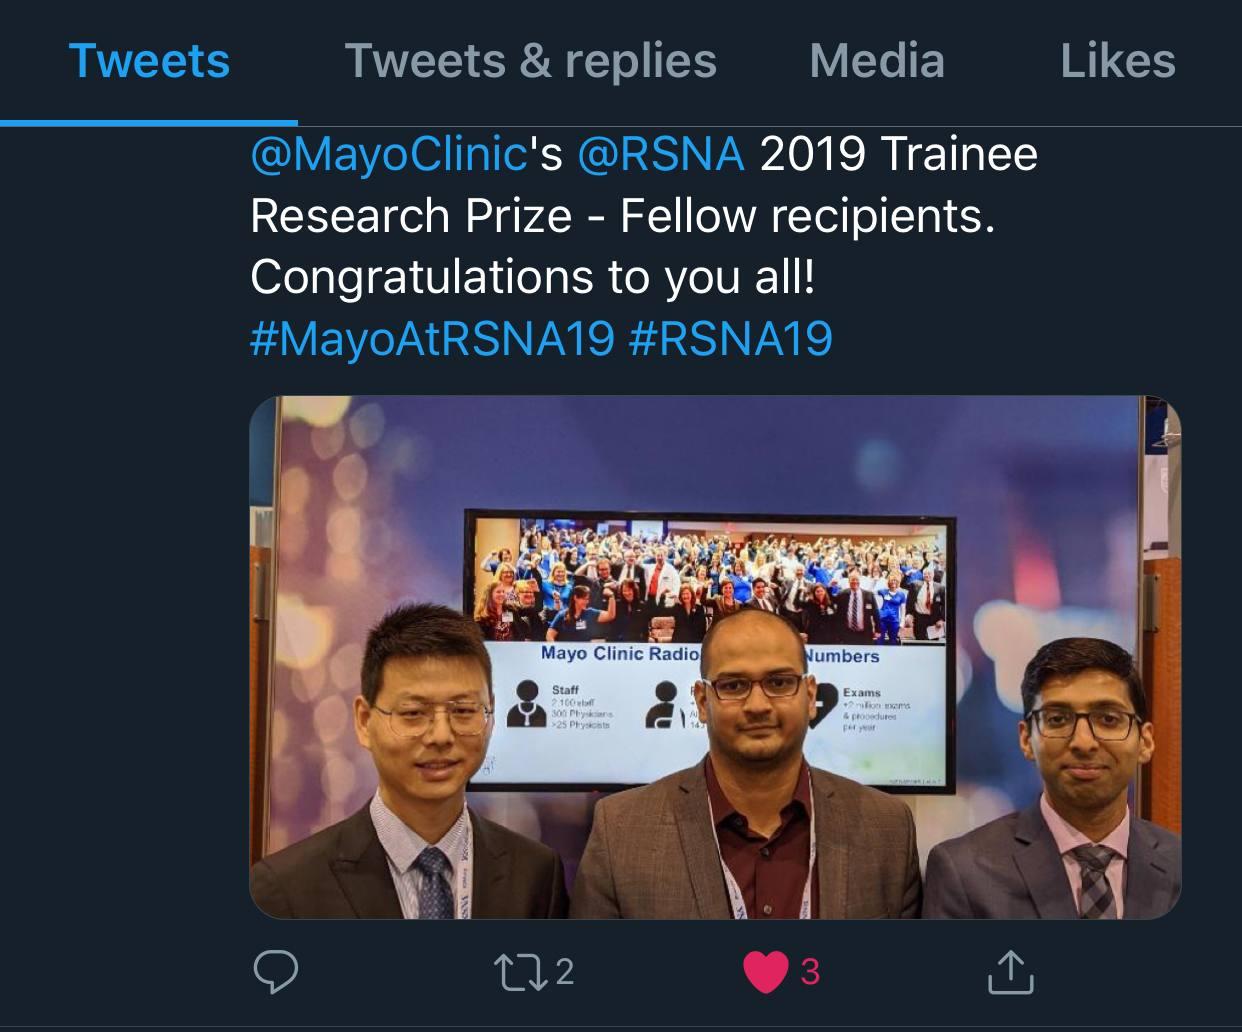 Congratulations Liqiang Ren (left) and Kishore Rajendran (middle)!